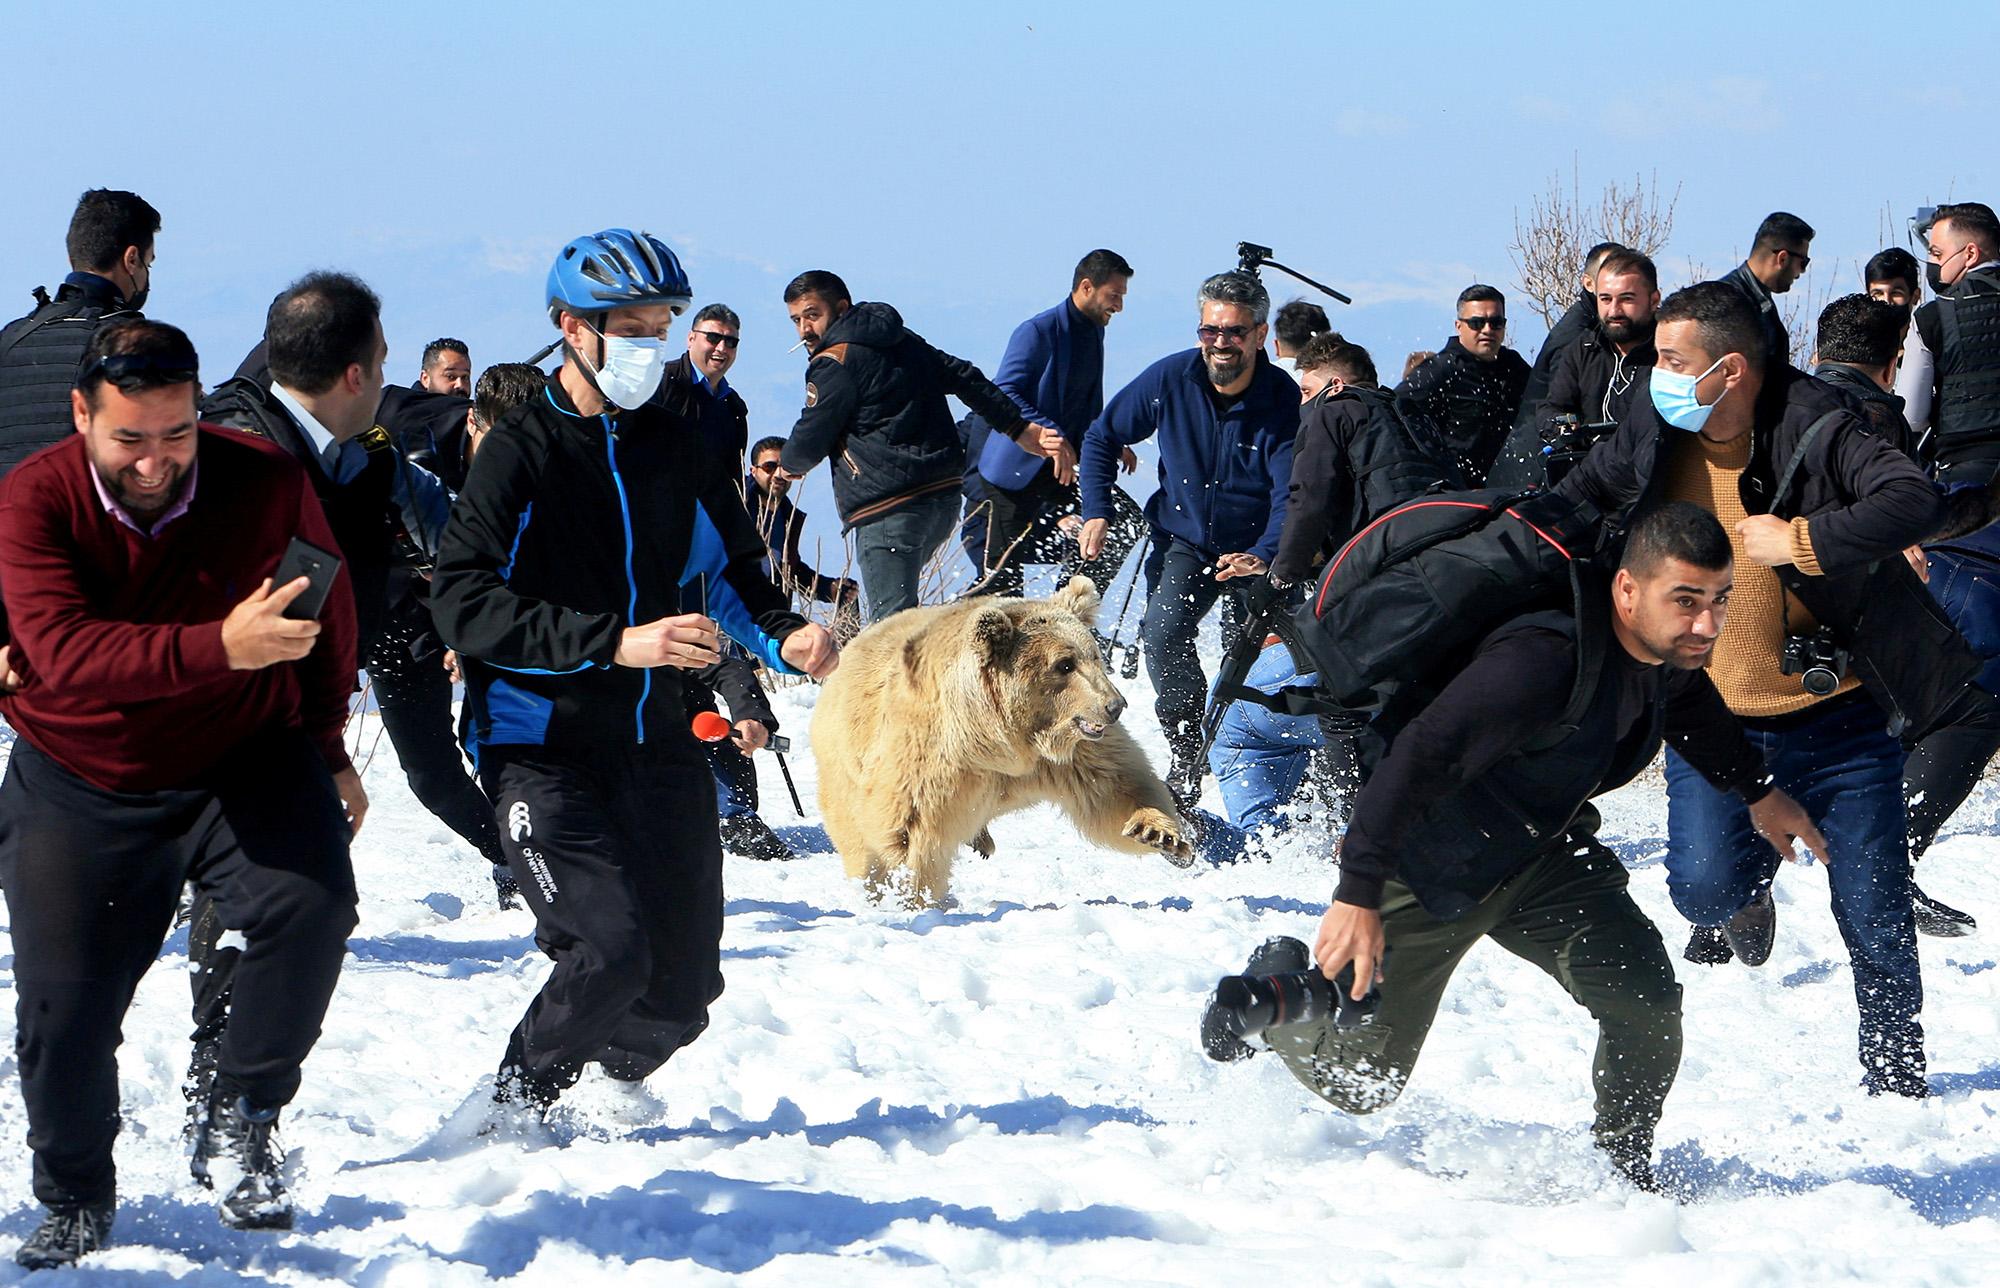 Курдские зоозащитниеи выпускают наволю спасенного  дикого медведя, Дахук, Ирак.